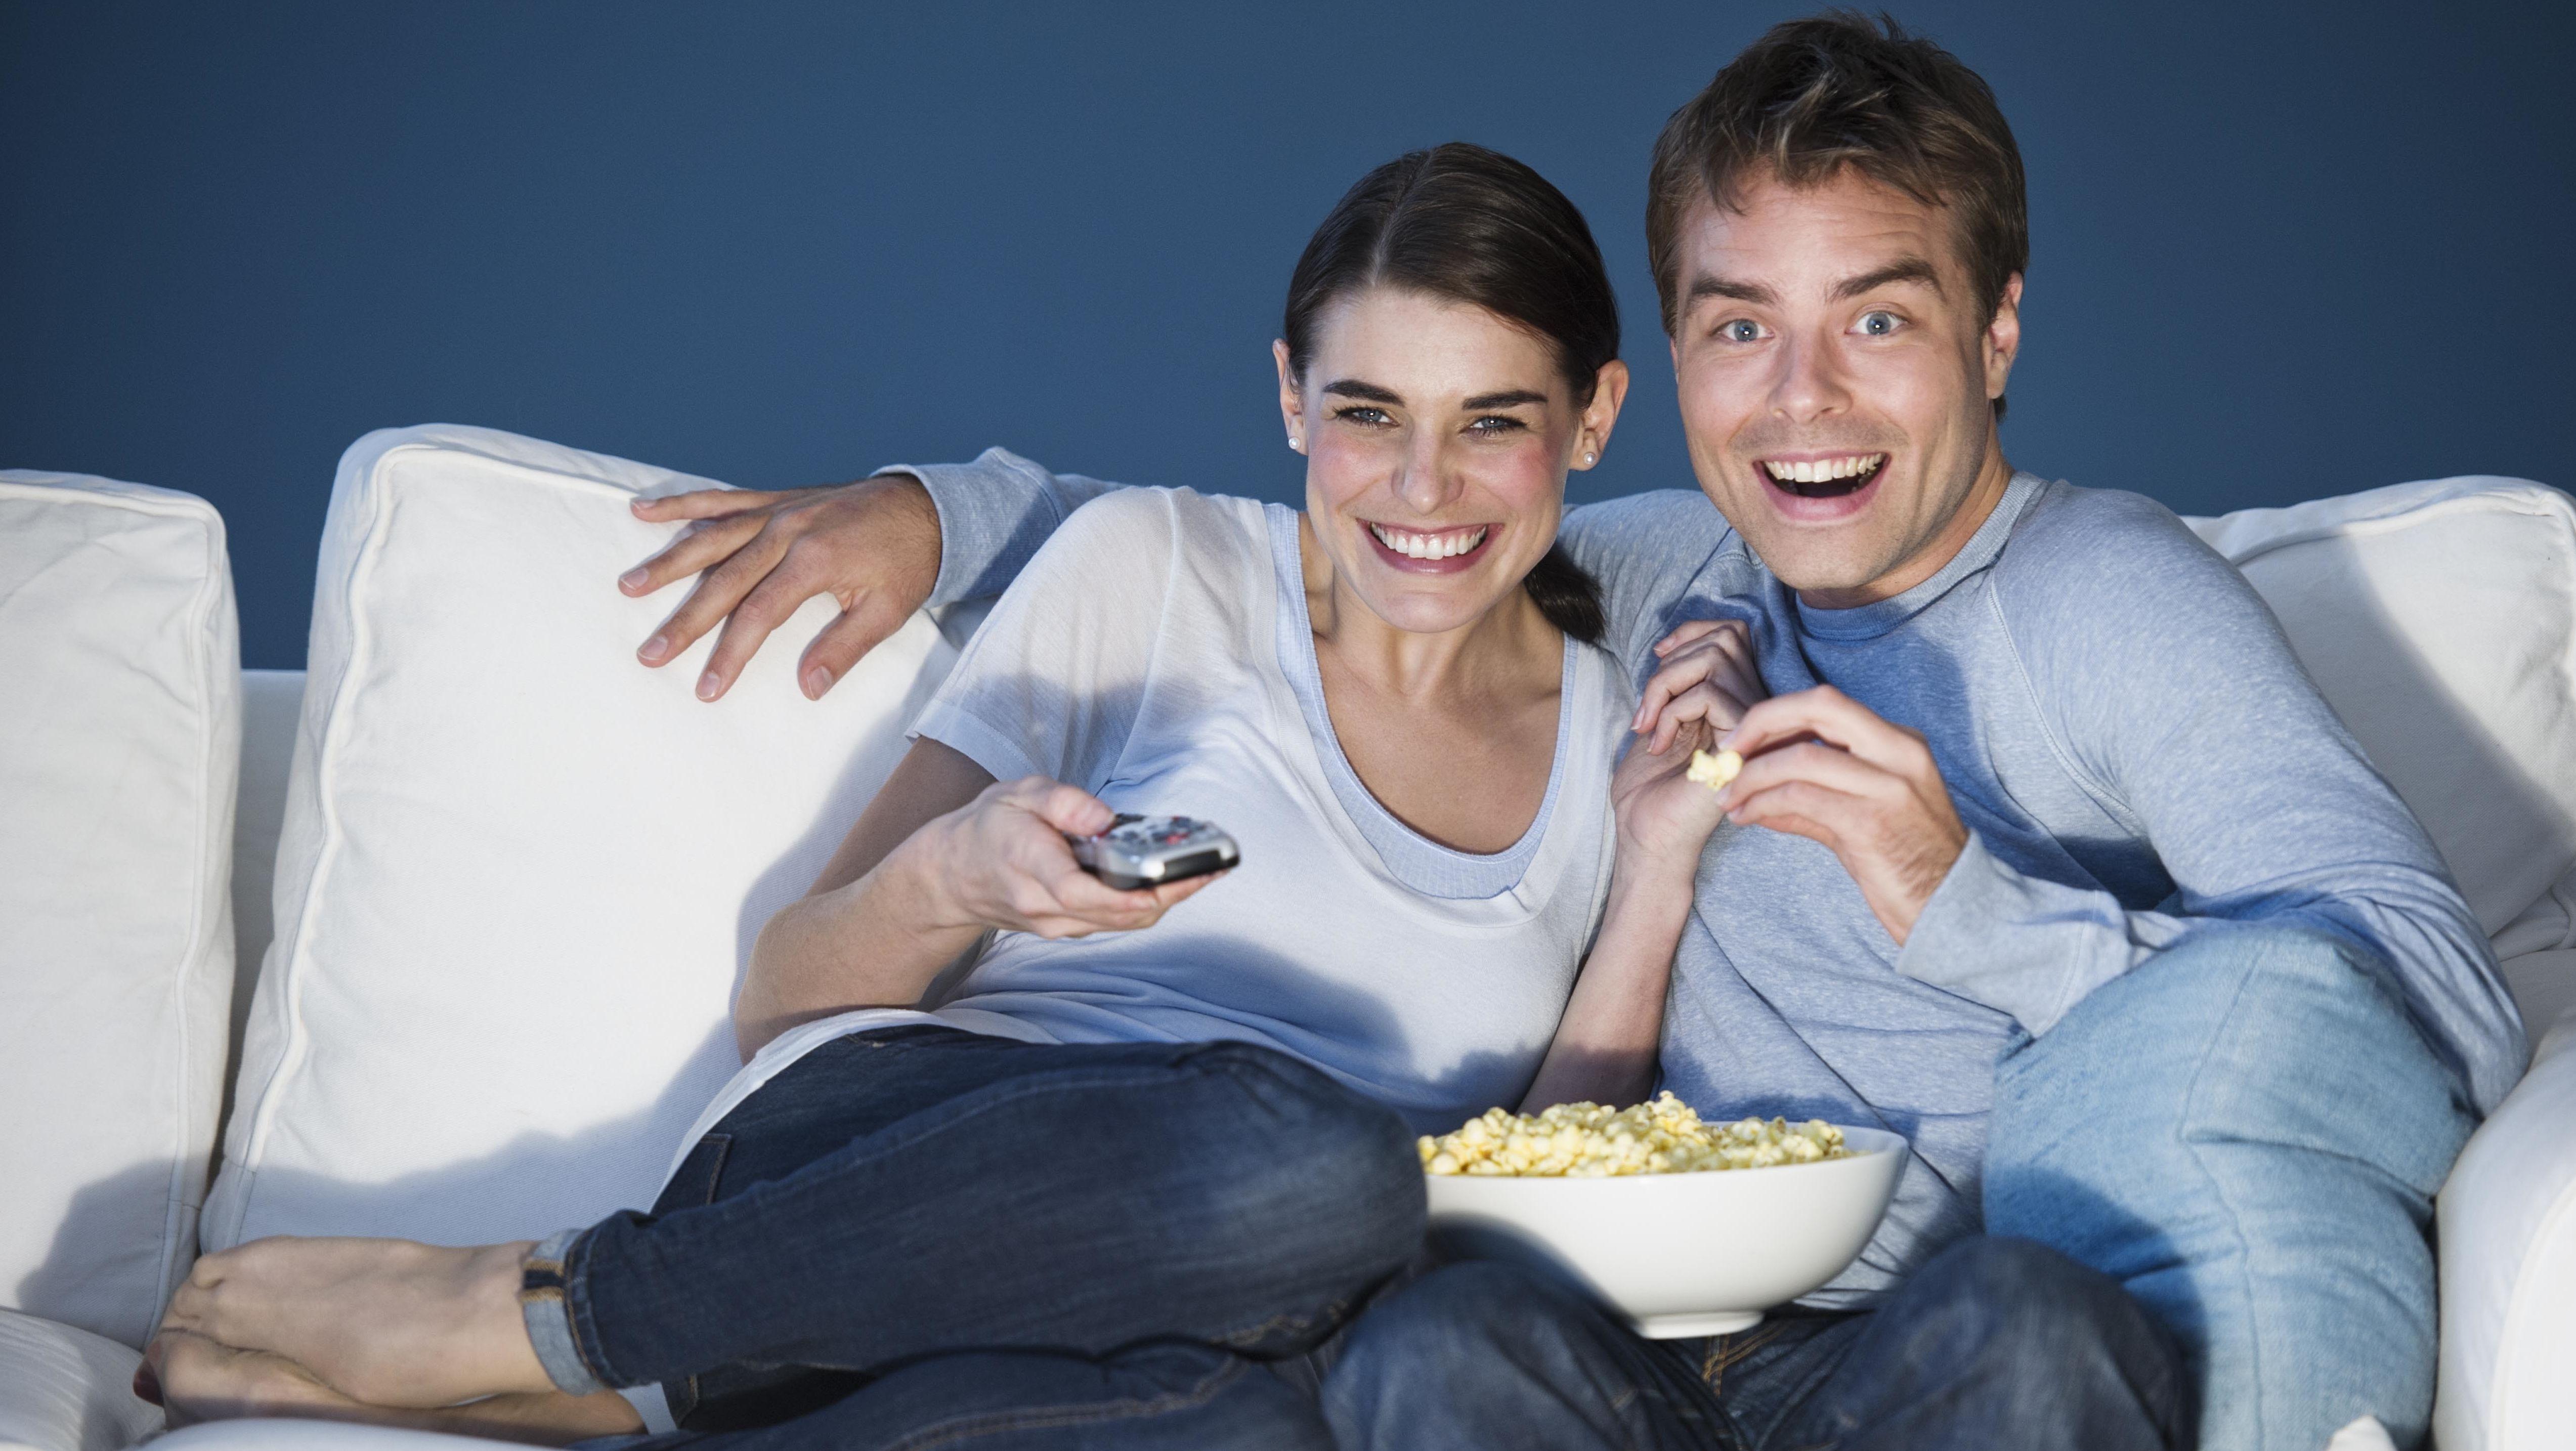 Paar lachend vor dem Fernseher mit Popcorn.